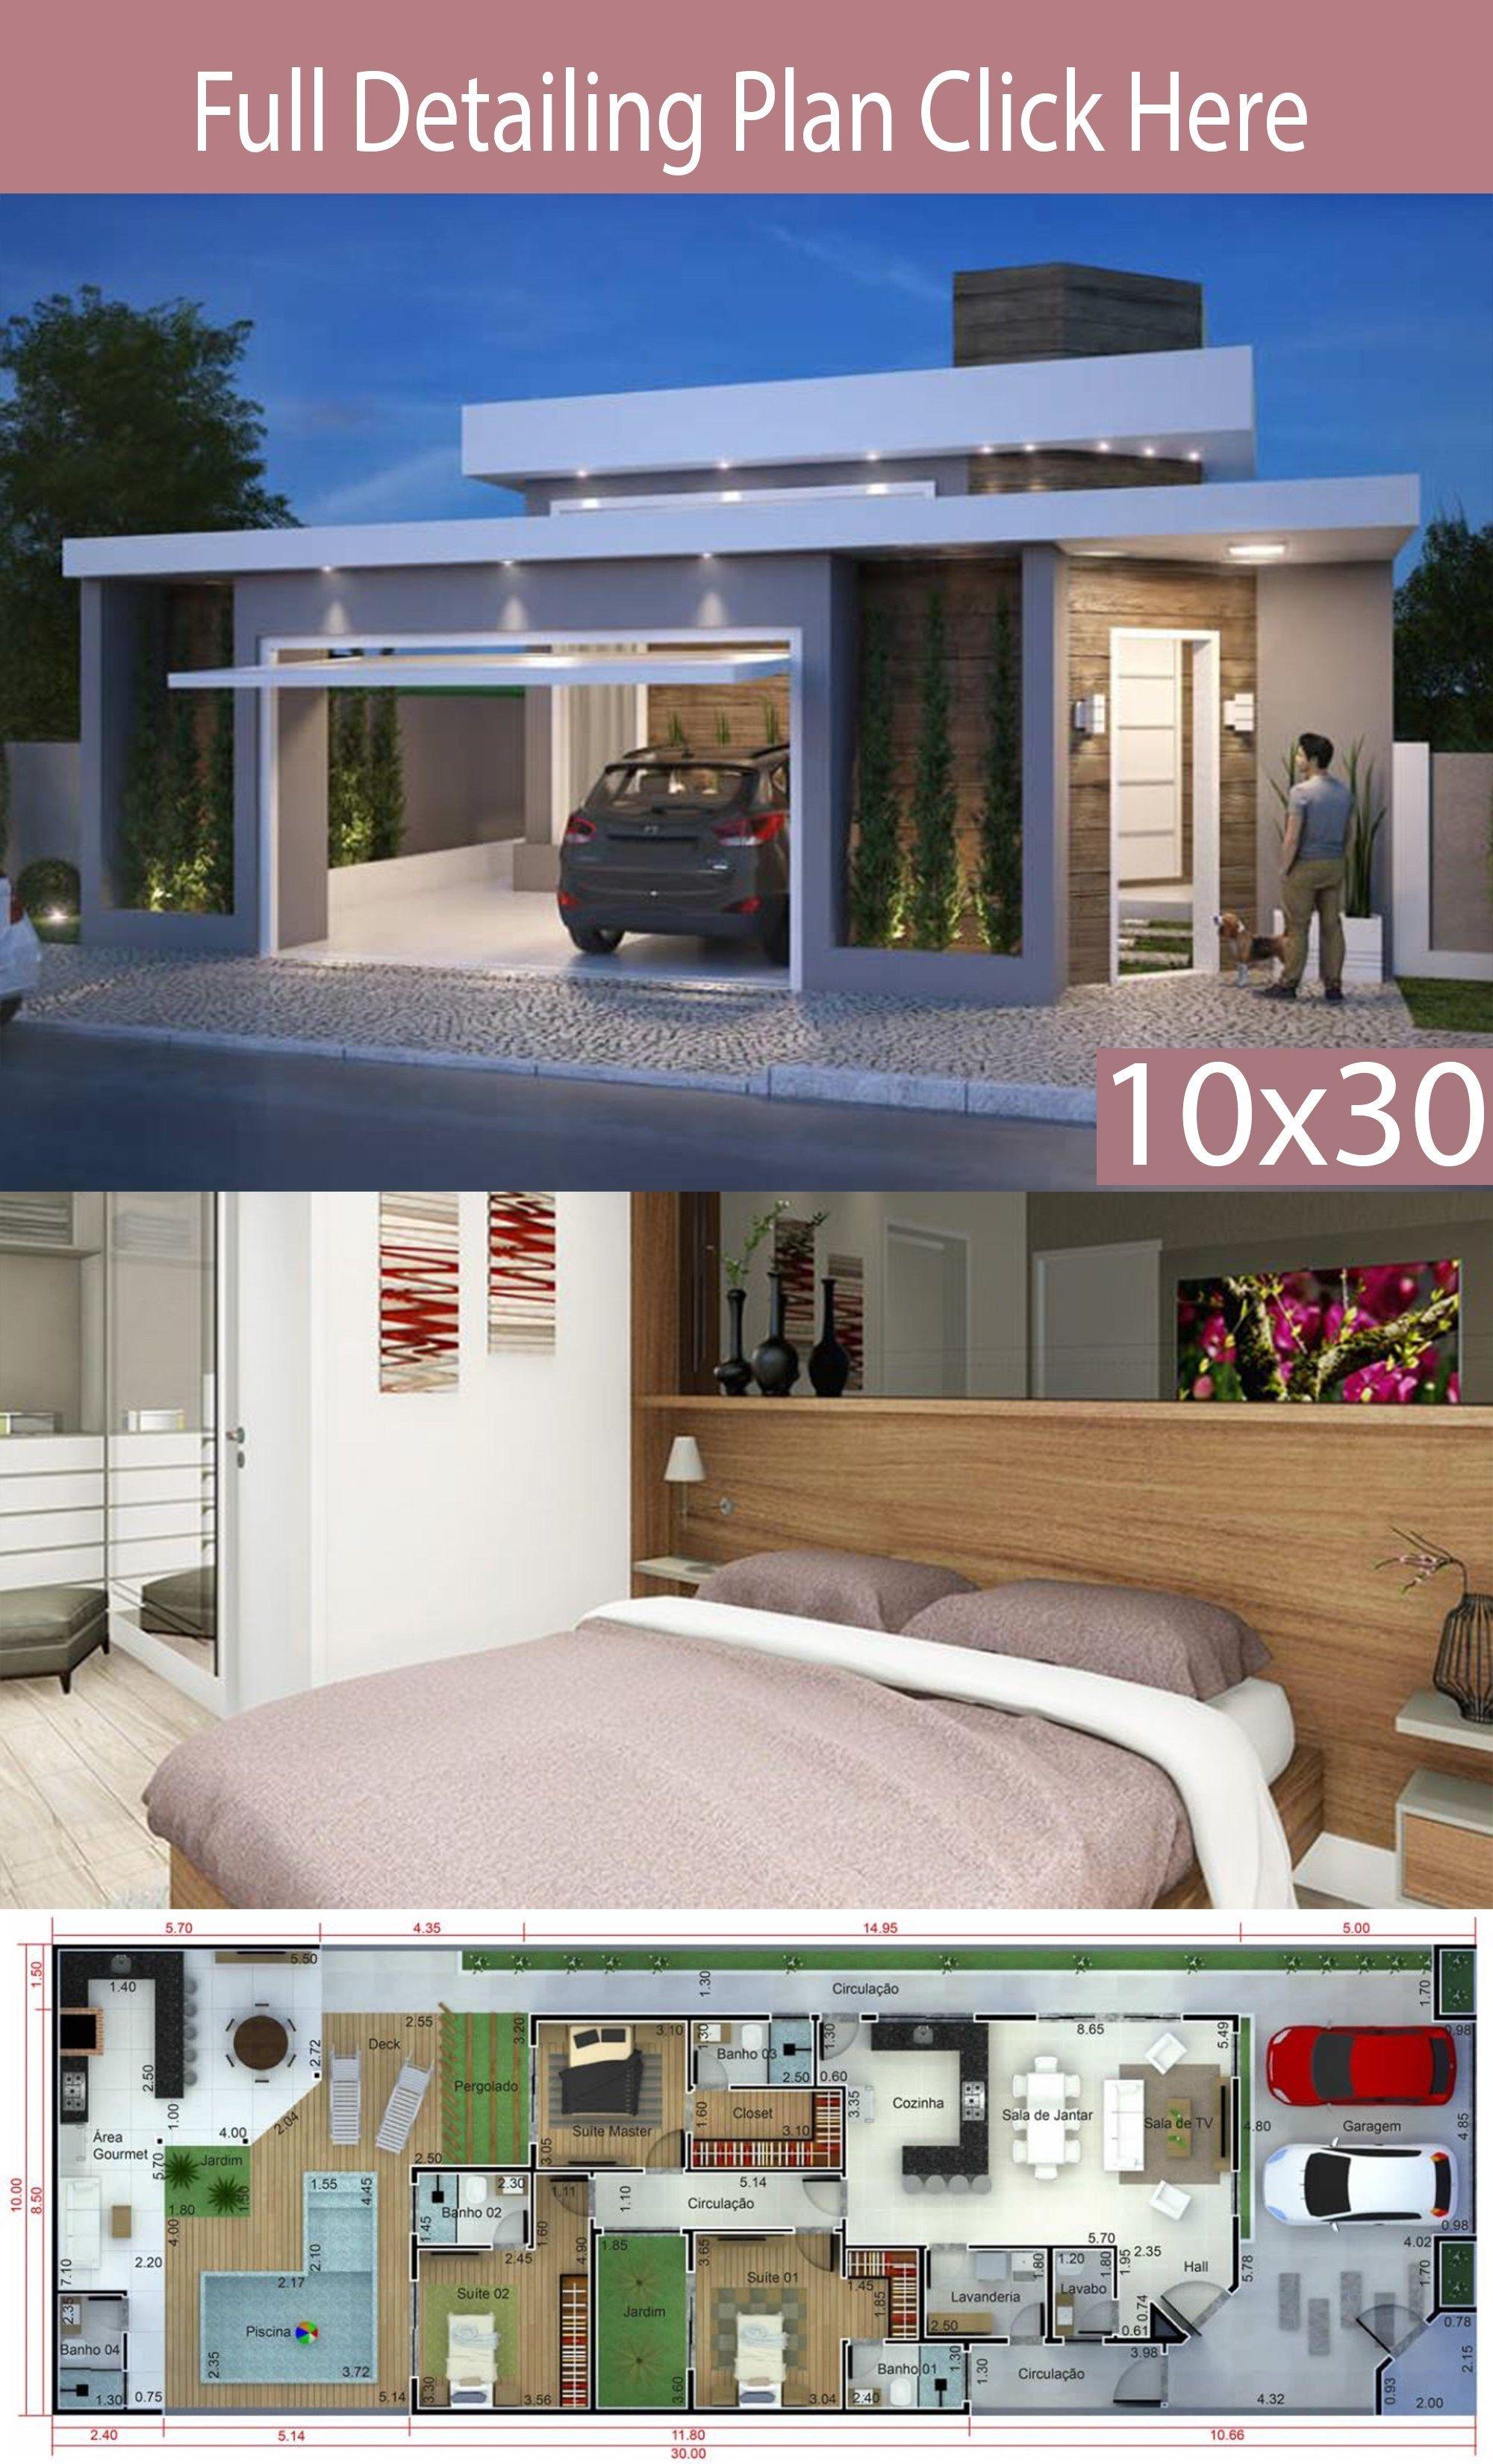 Home Design 10x30m With 3 Bedrooms Em 2020 Plantas De Casas Planta De Casa Terrea Casas